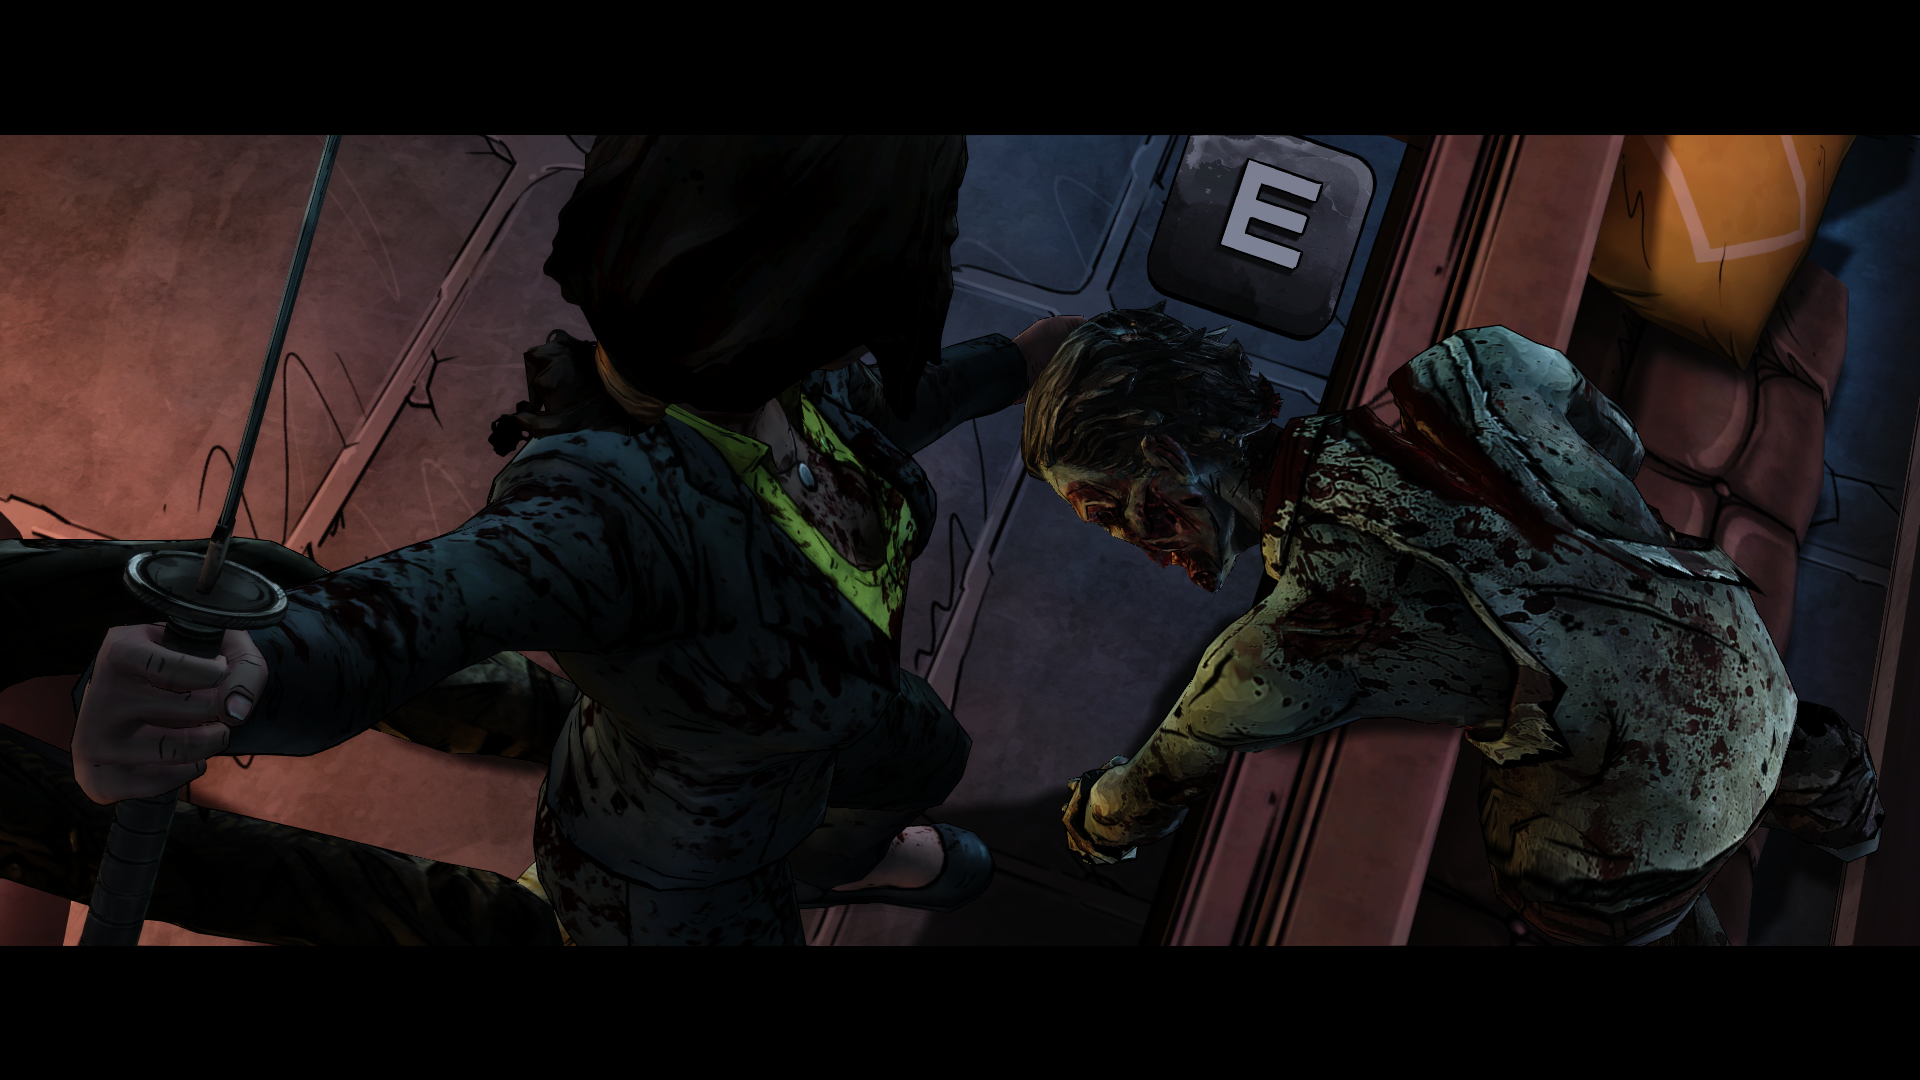 Мачете убивает – Обзор The Walking Dead Michonne. - Изображение 6